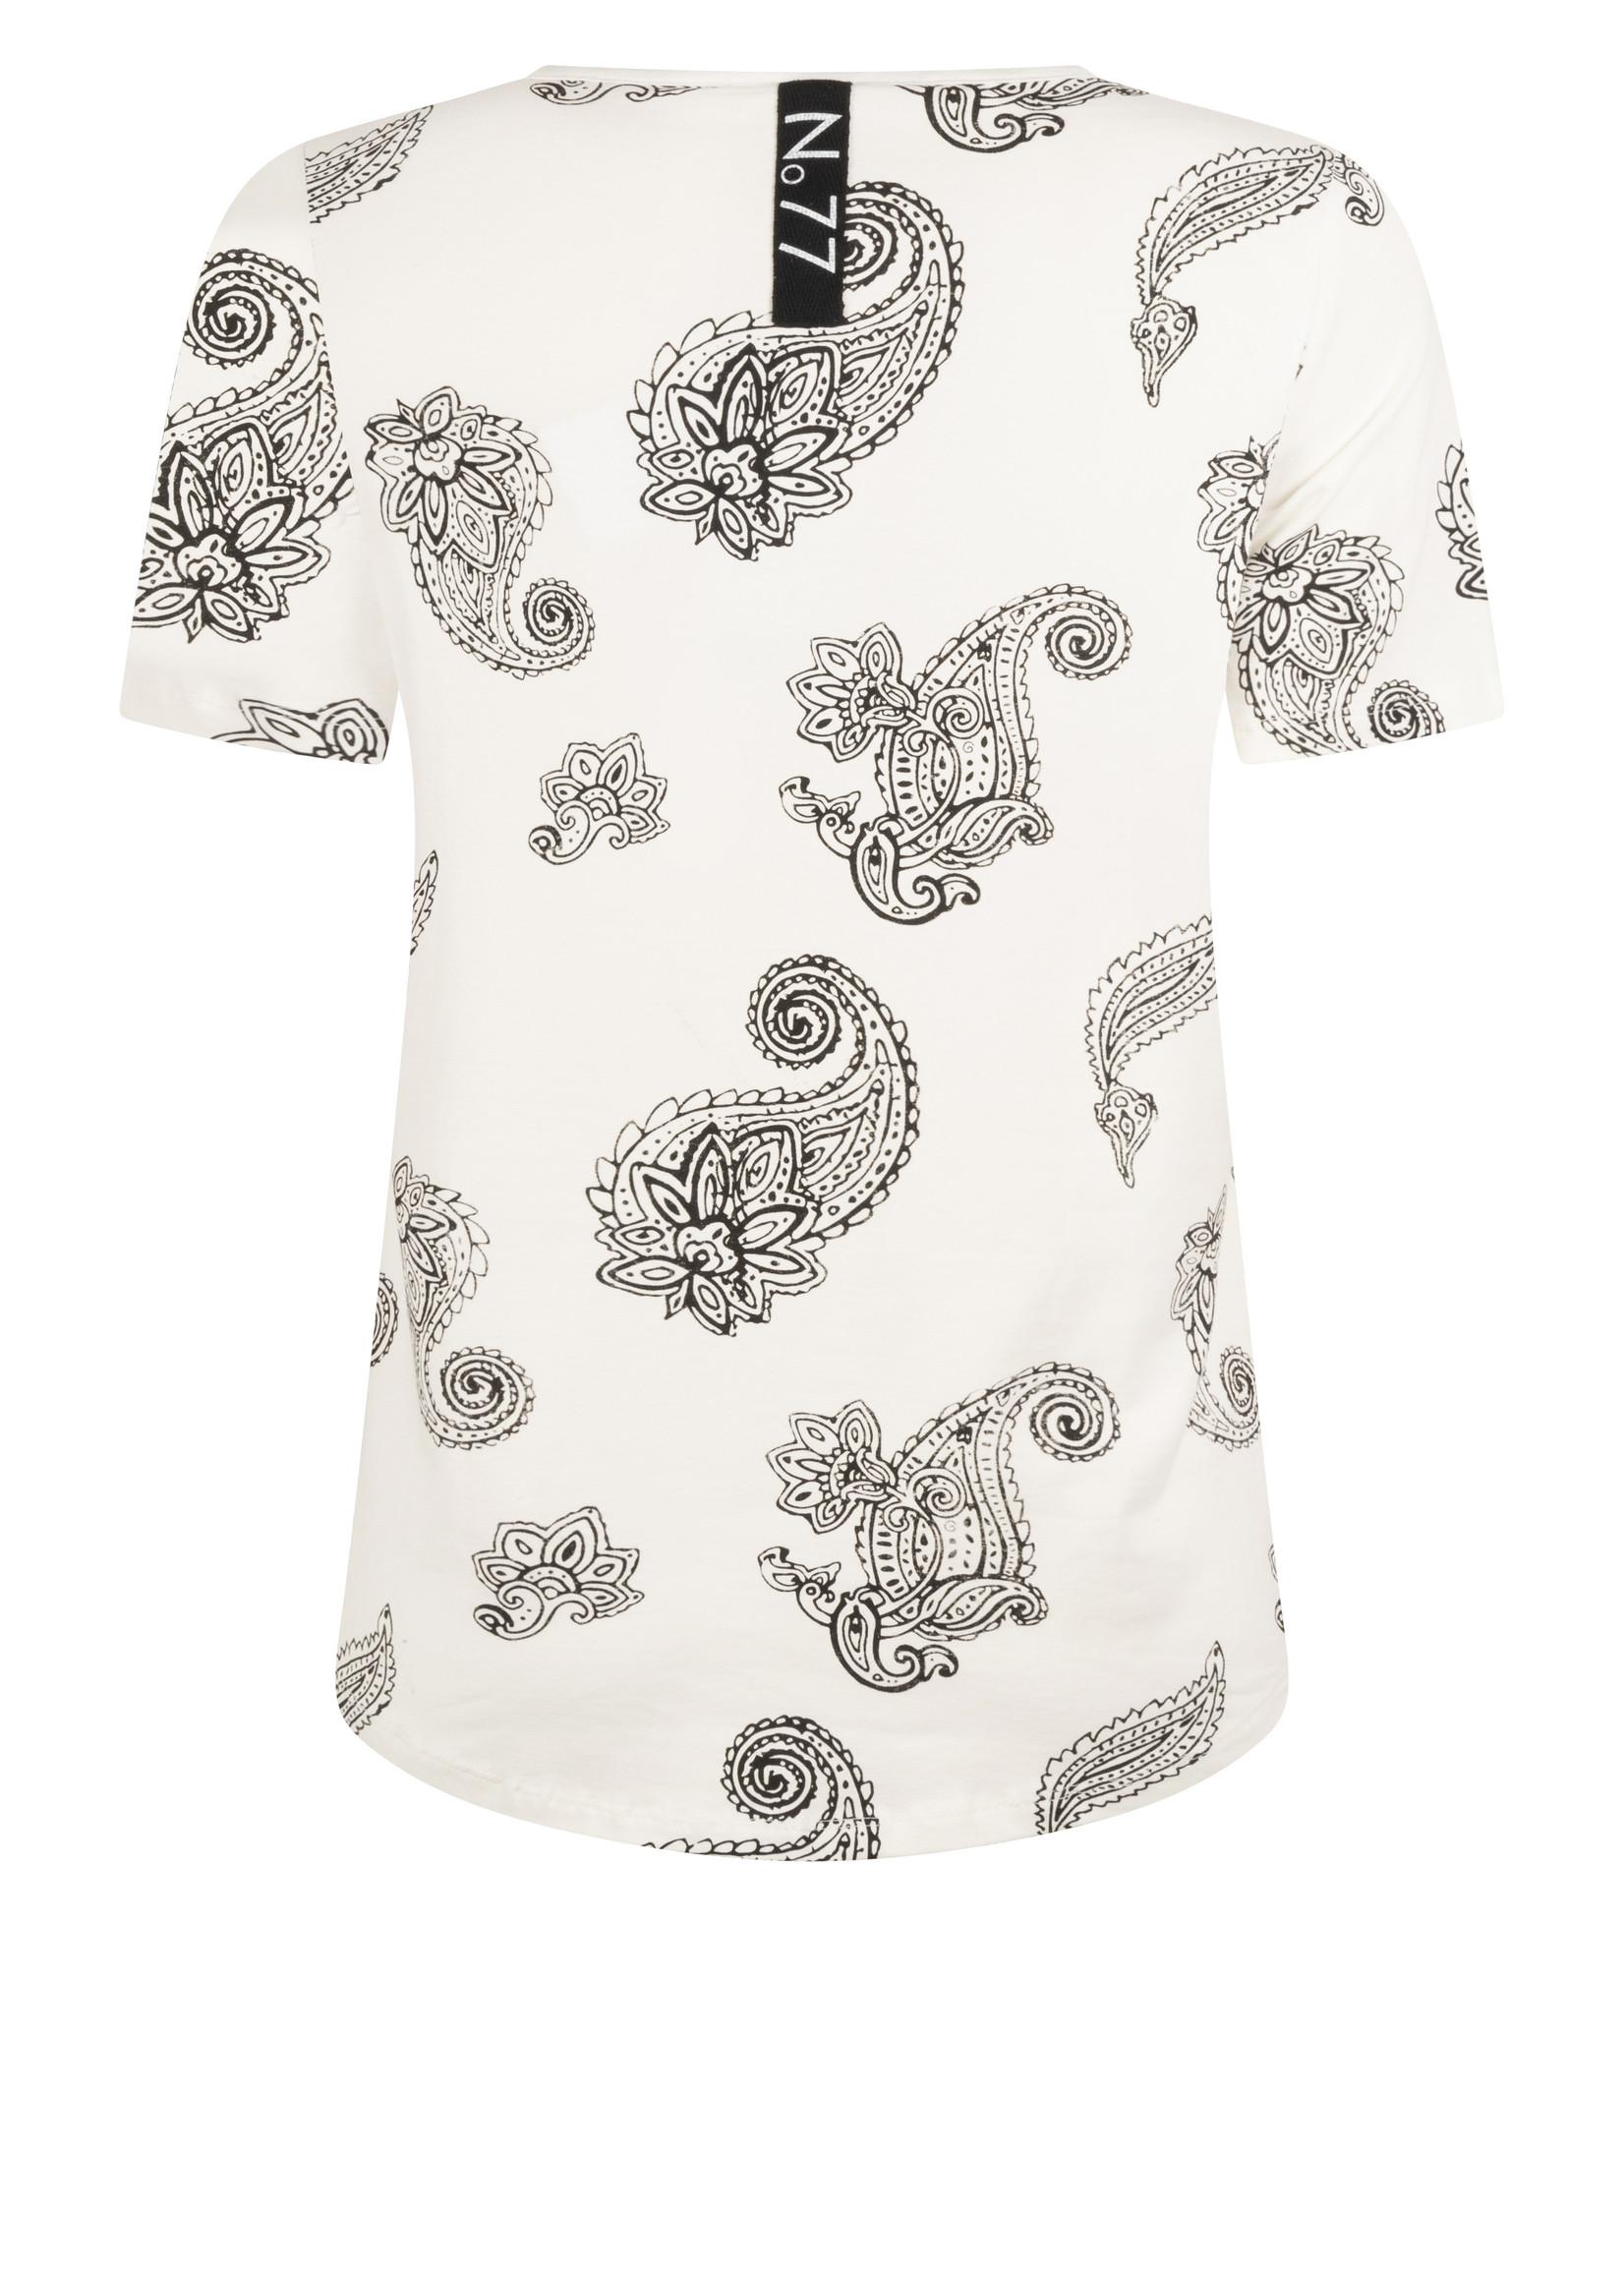 Zoso Zoso - Karen - t-shirt - paisley print